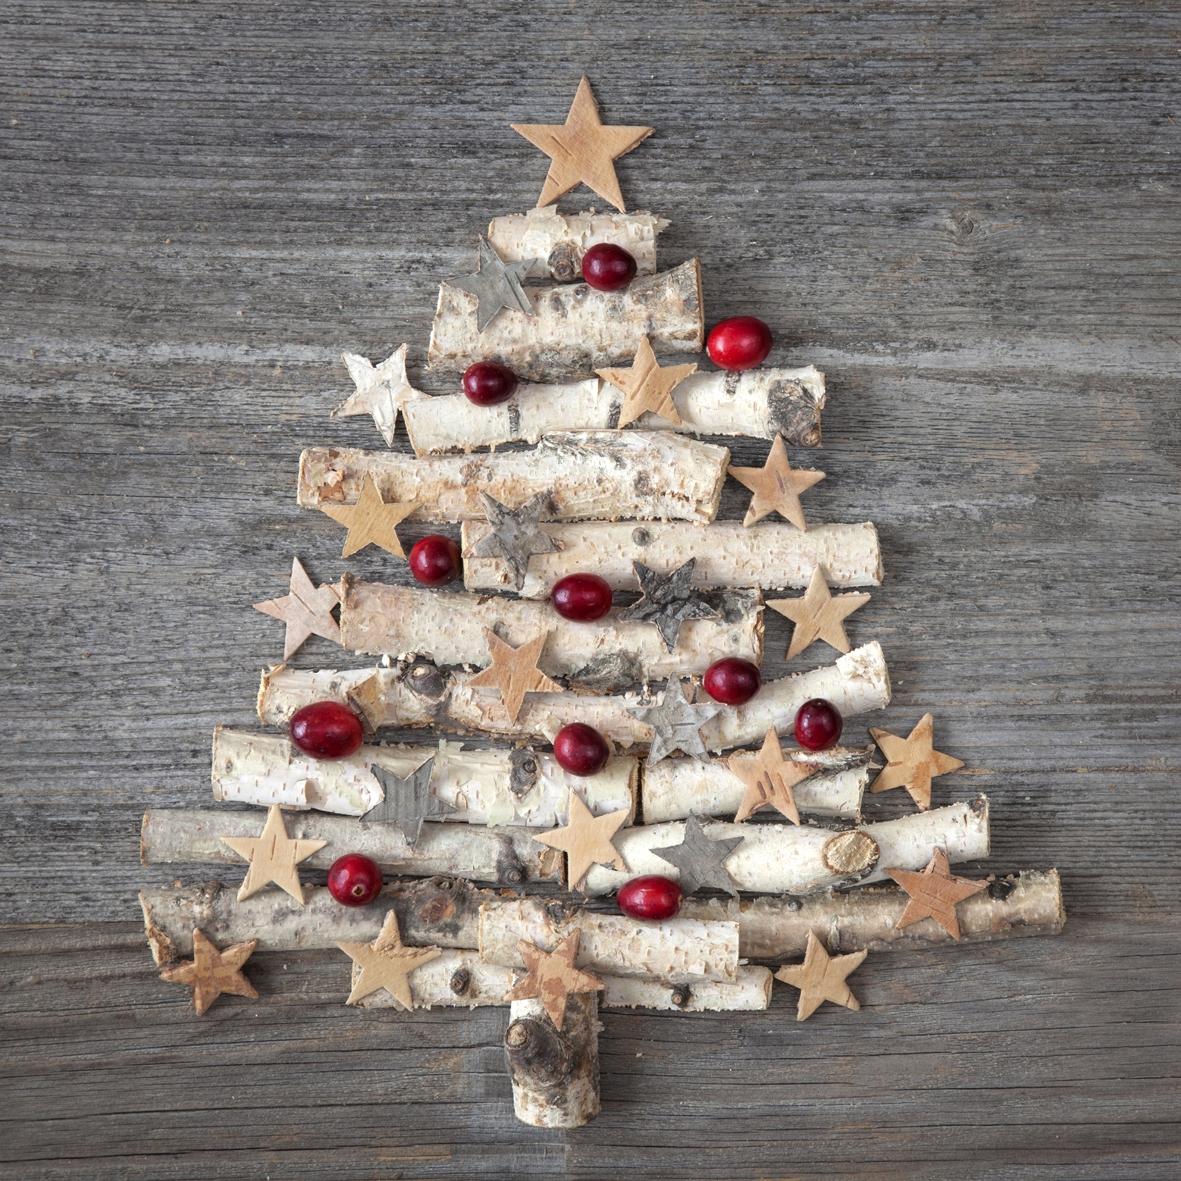 Paperproducts Design,  Weihnachten - Weihnachtsbaum,  Weihnachten,  lunchservietten,  Weihnachtsbaum